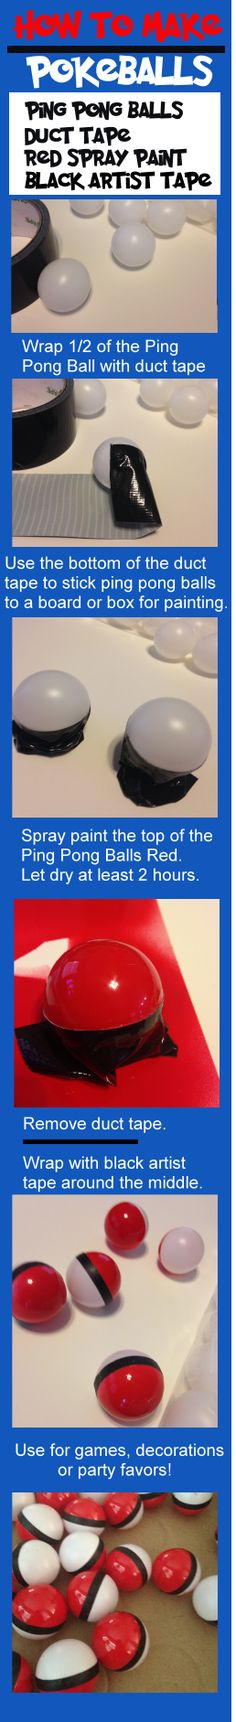 Do it yourself pokeballs